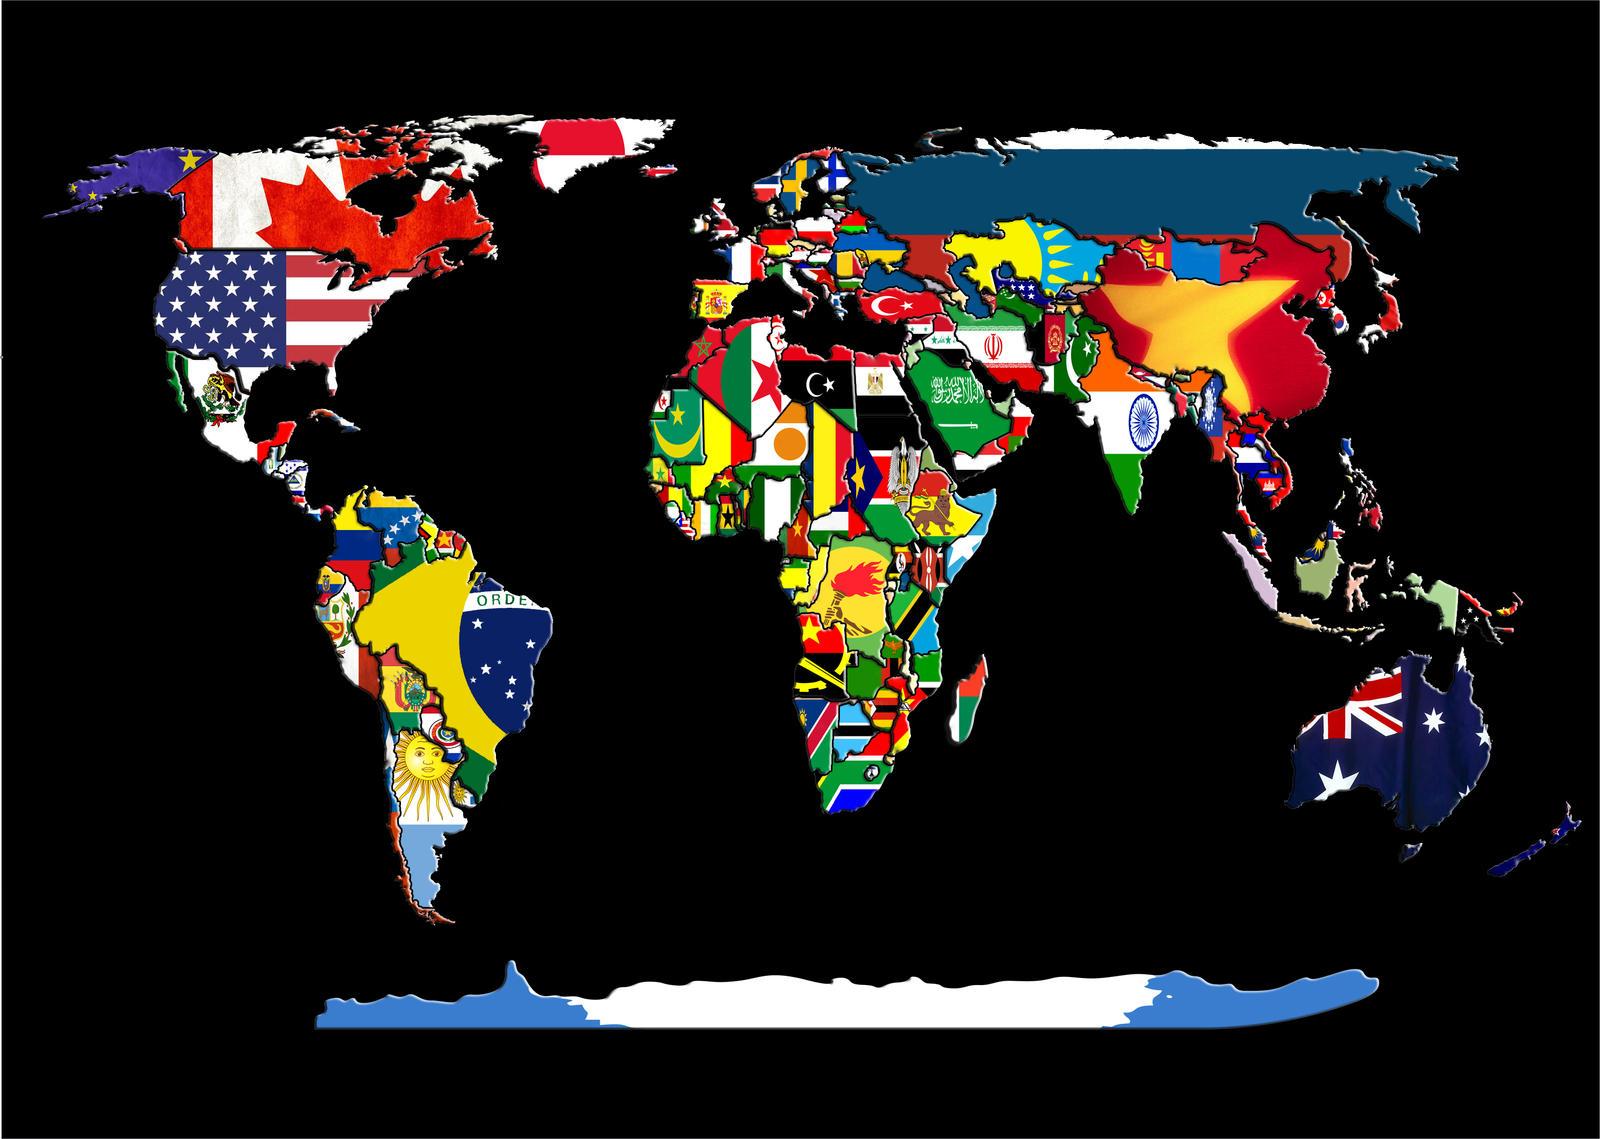 16 wallpaper mapa mundi - photo #9